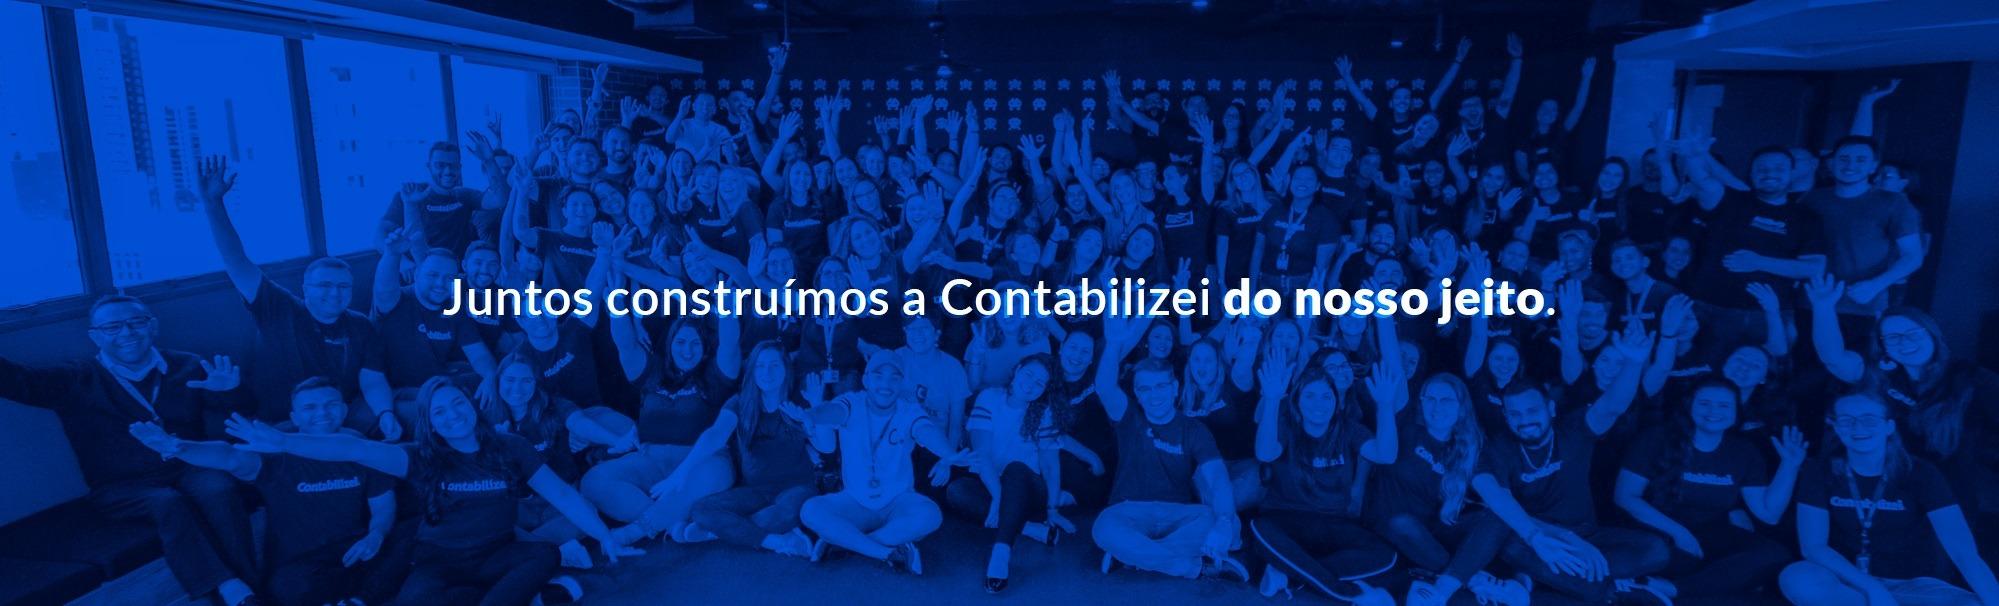 Analista Contábil Sênior | Remoto (Qualquer lugar do Brasil)